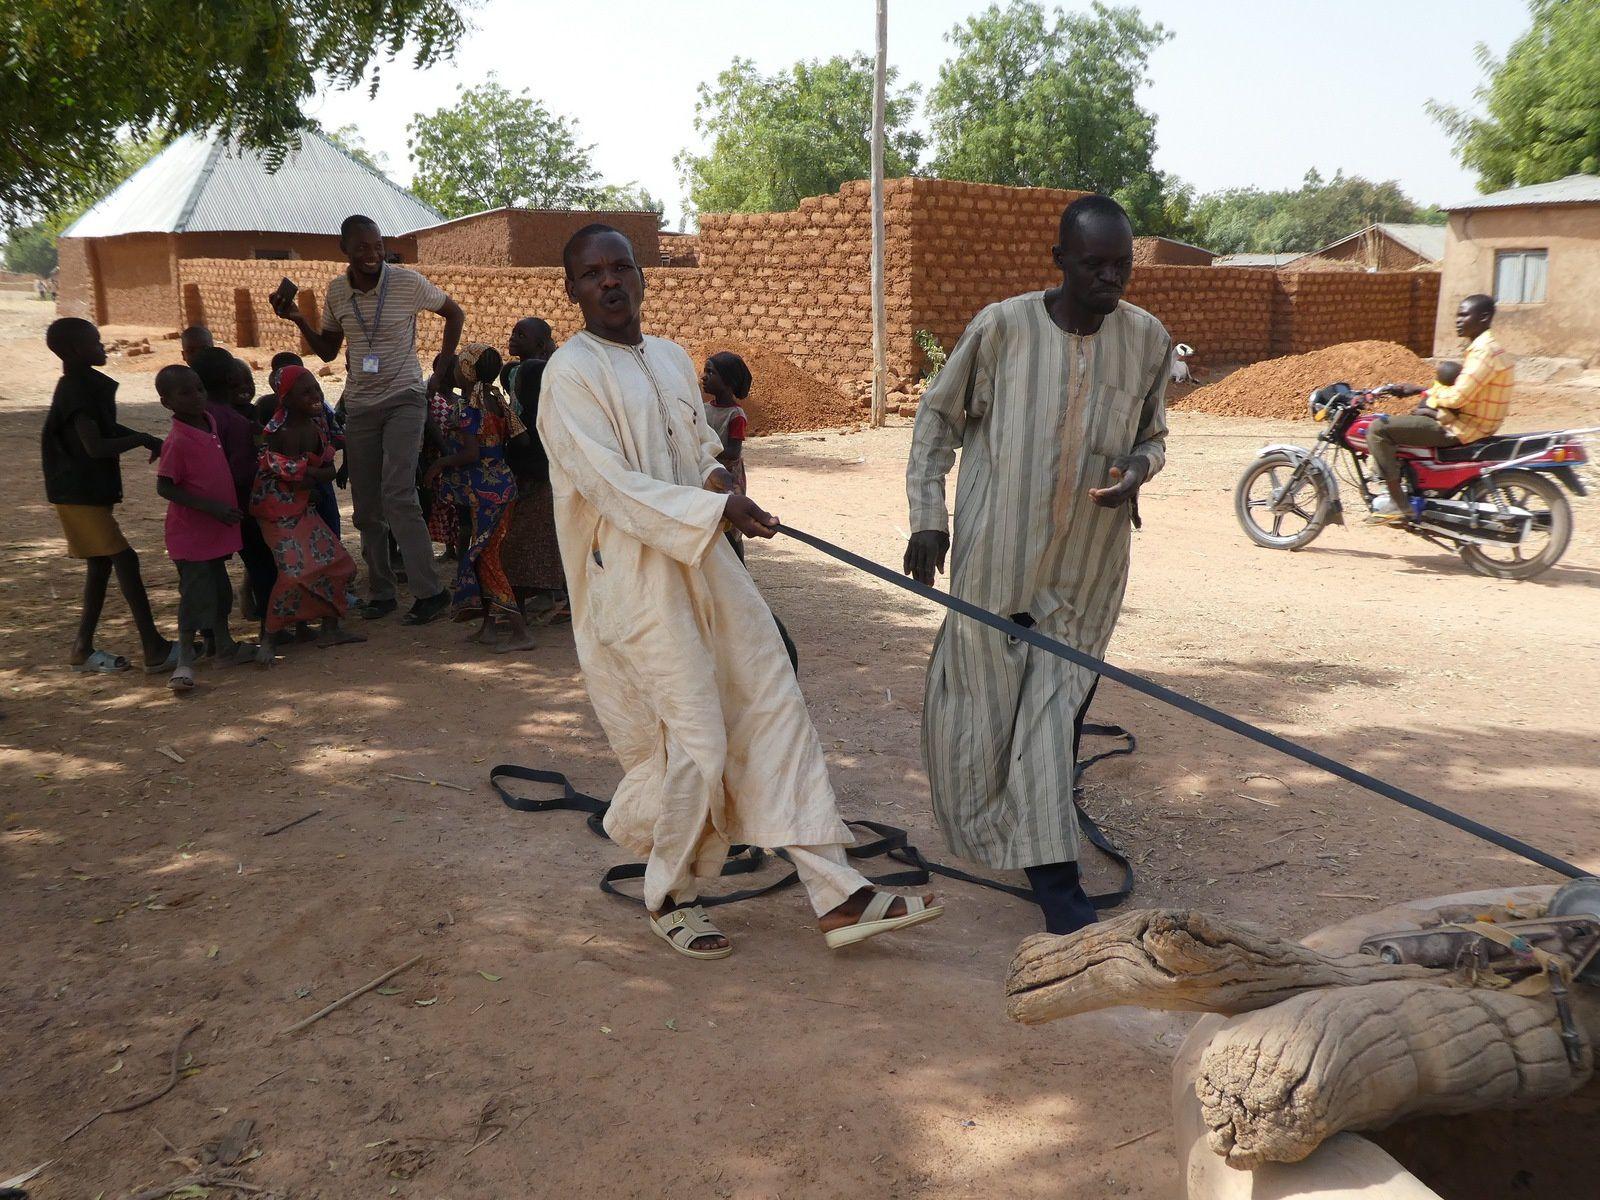 Un puits et de l'eau, Nangere LGA, Yobe, Nigéria - Janvier 2017